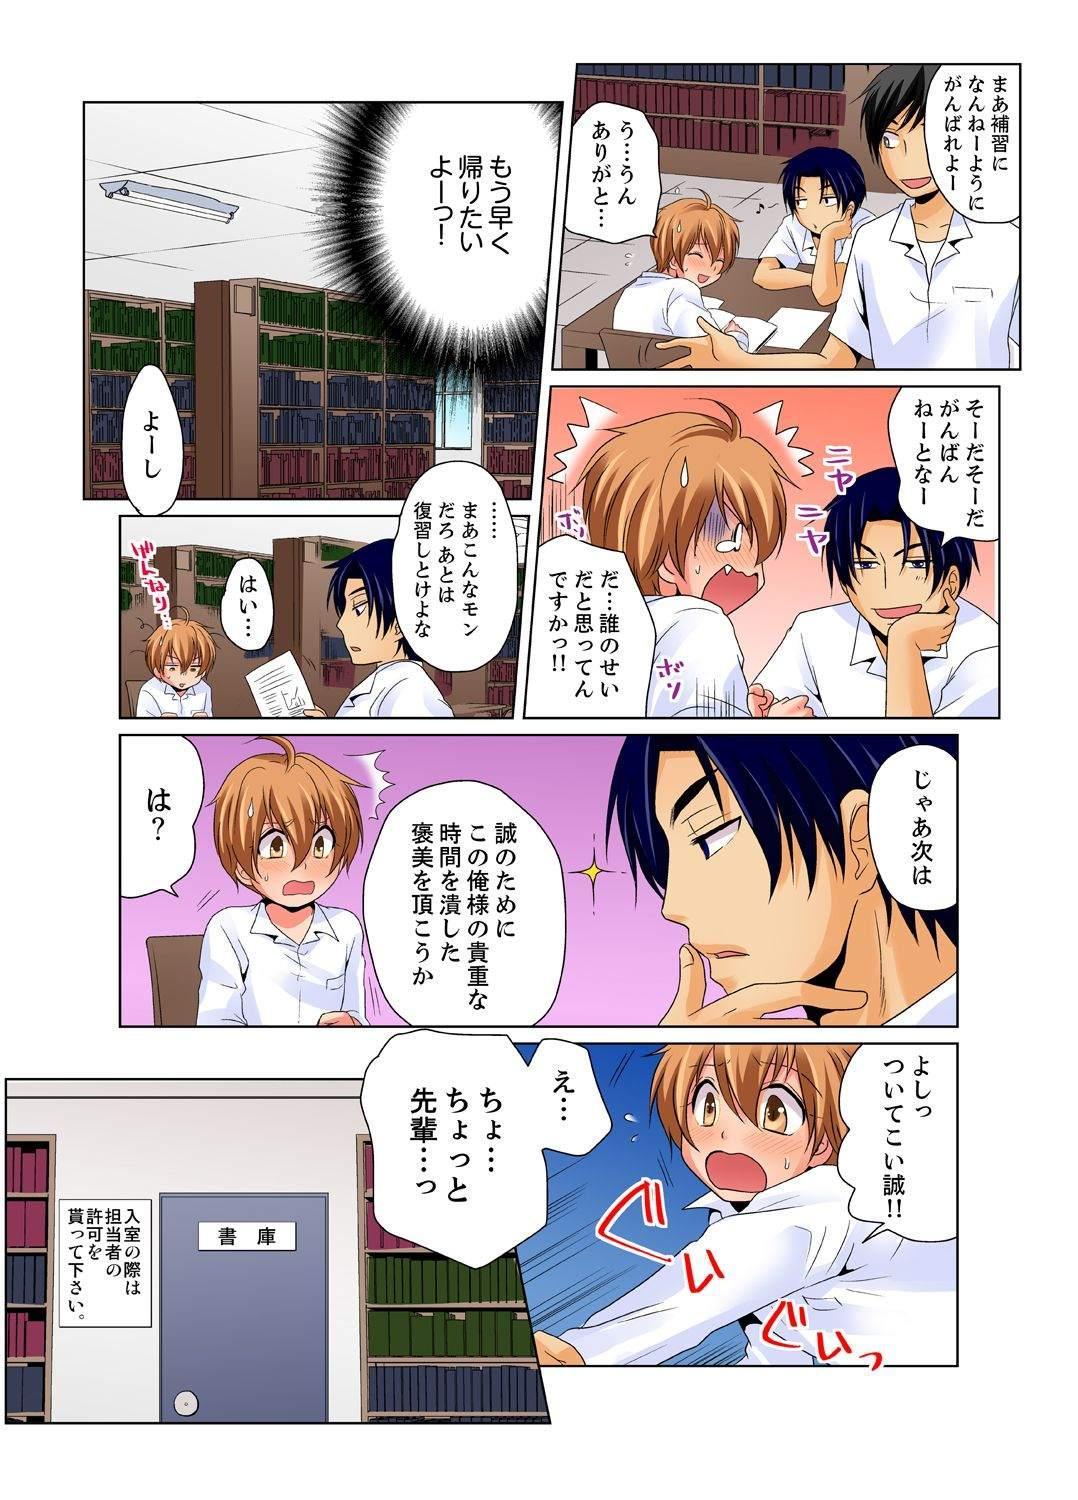 Nyotaika de Ecchi Kenshin!? Mirudake tte Itta no ni... 2 22